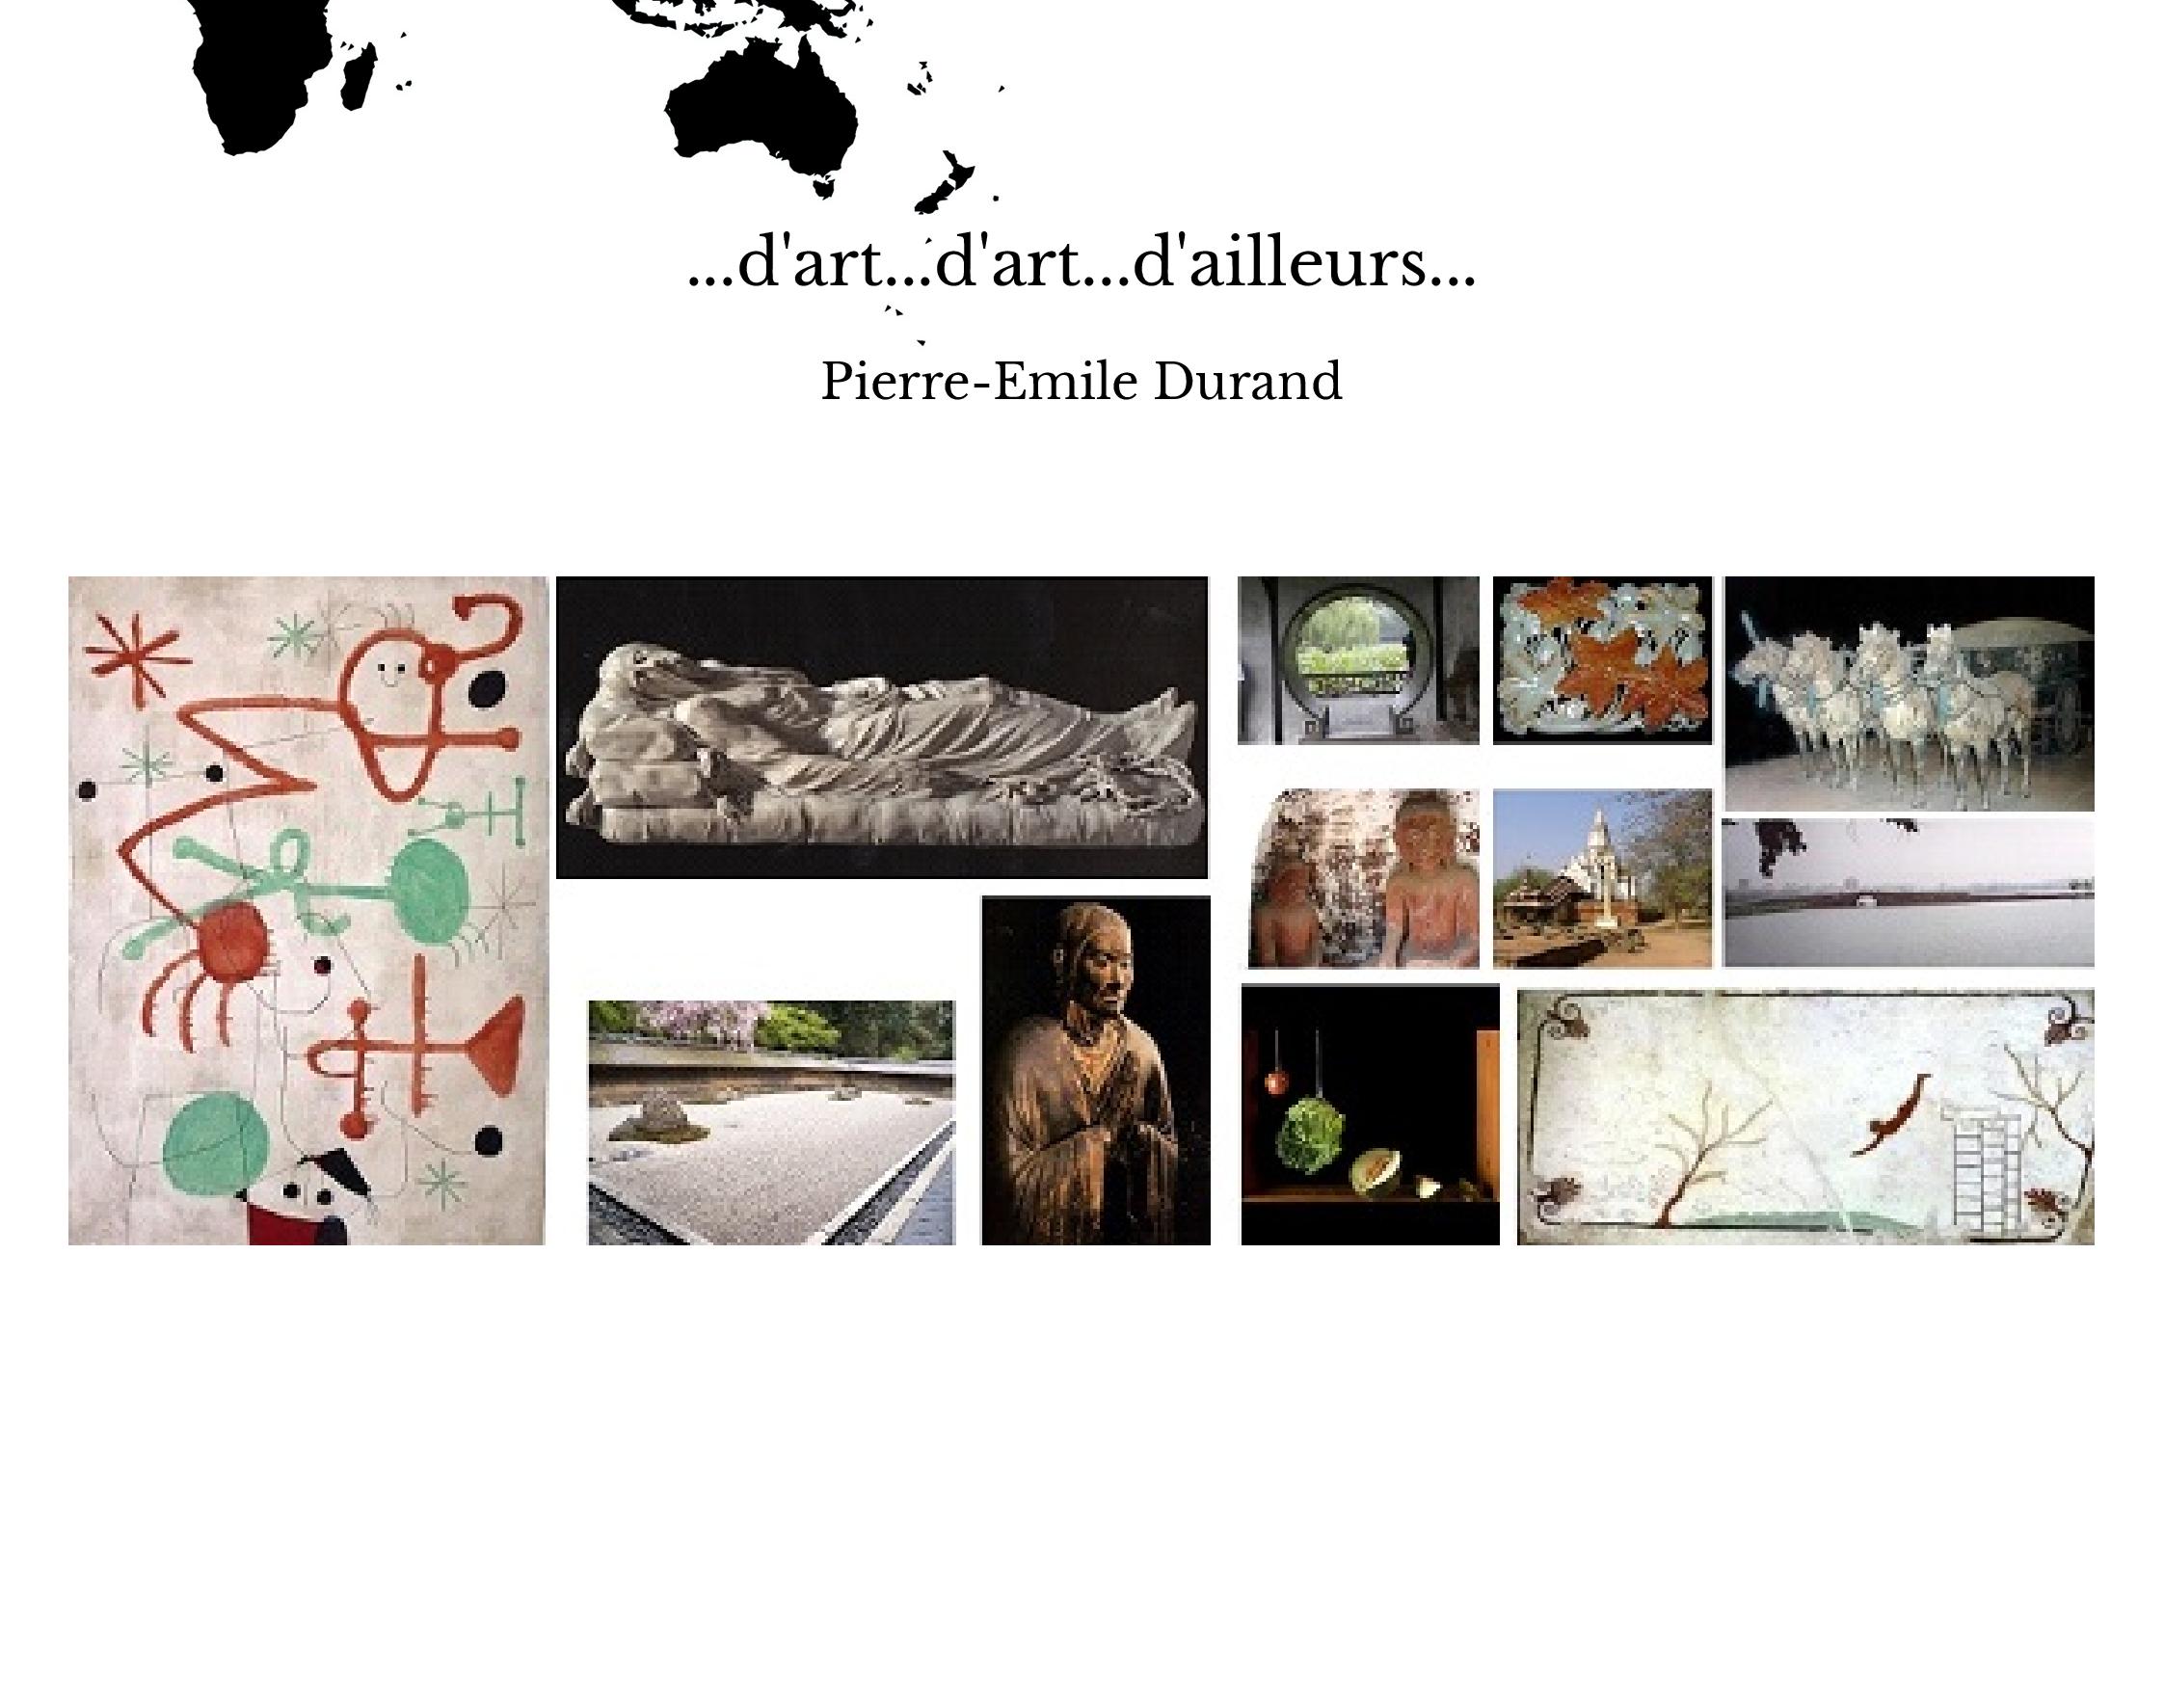 ...d'art...d'art...d'ailleurs...